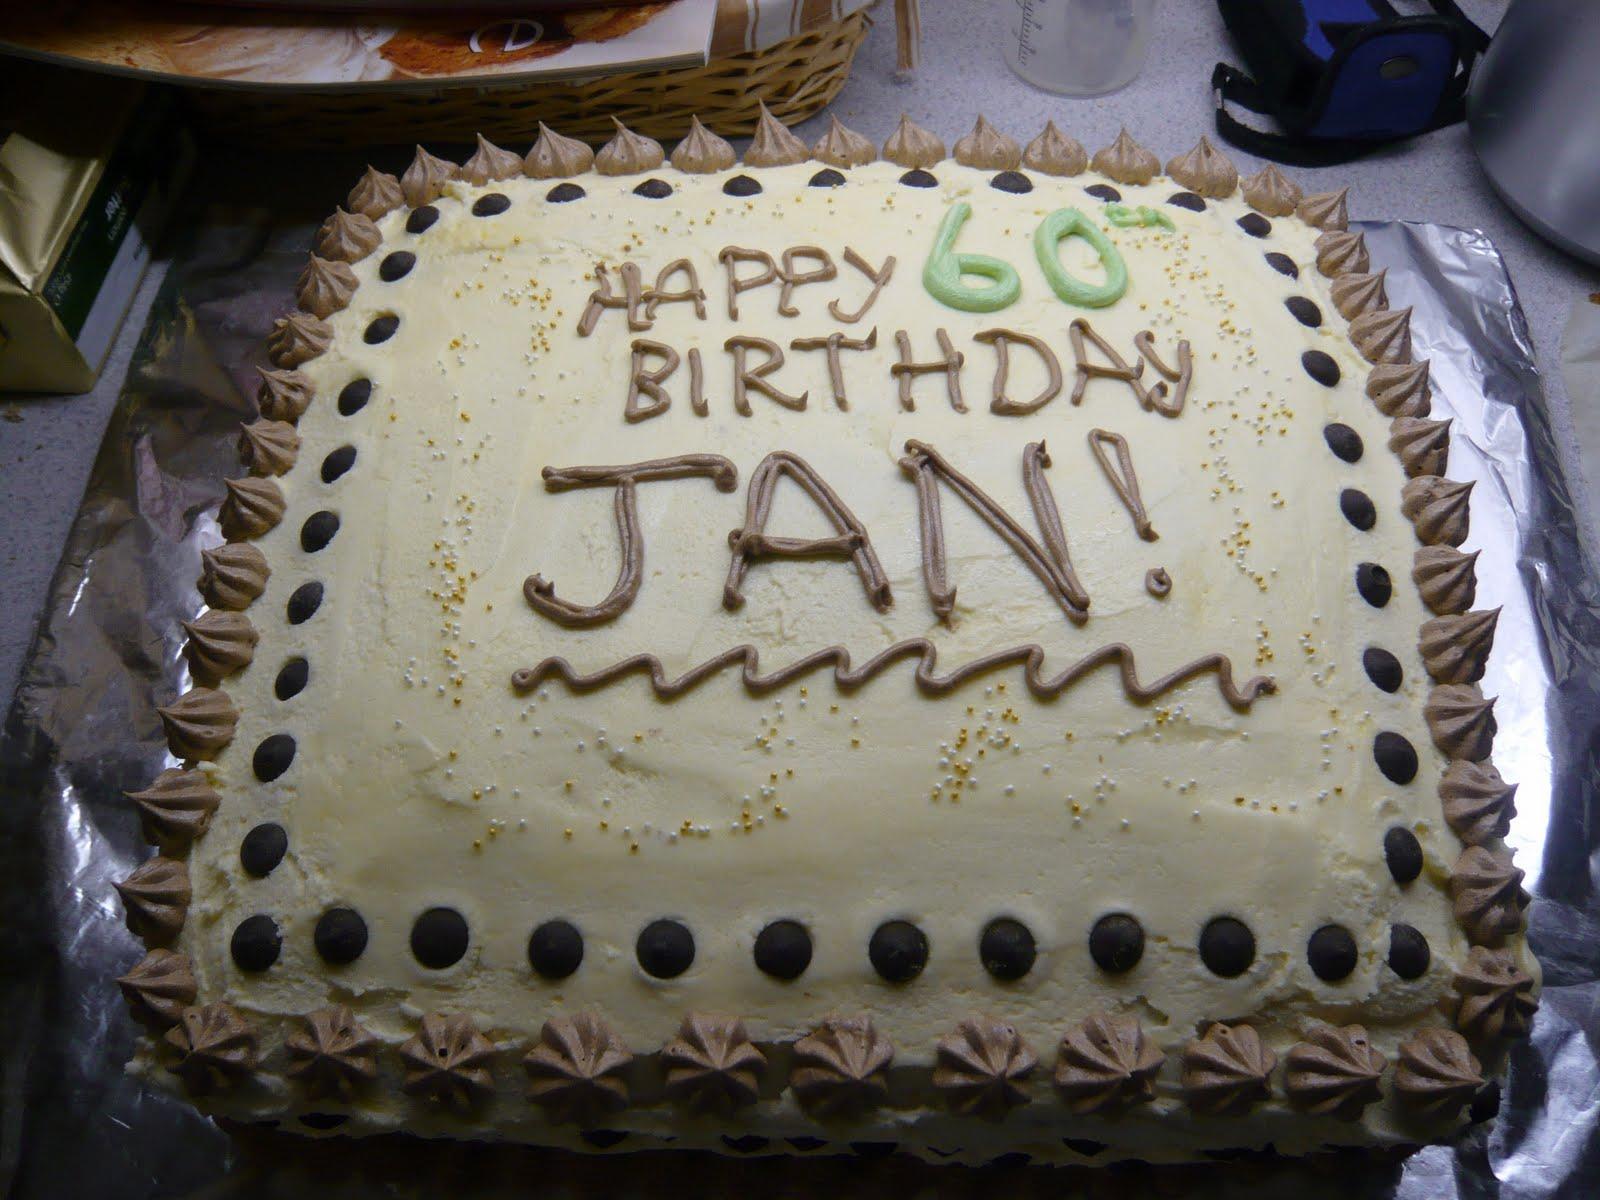 Red Velvet Cake Recipe Uk Tesco: Lidl Birthday Cakes